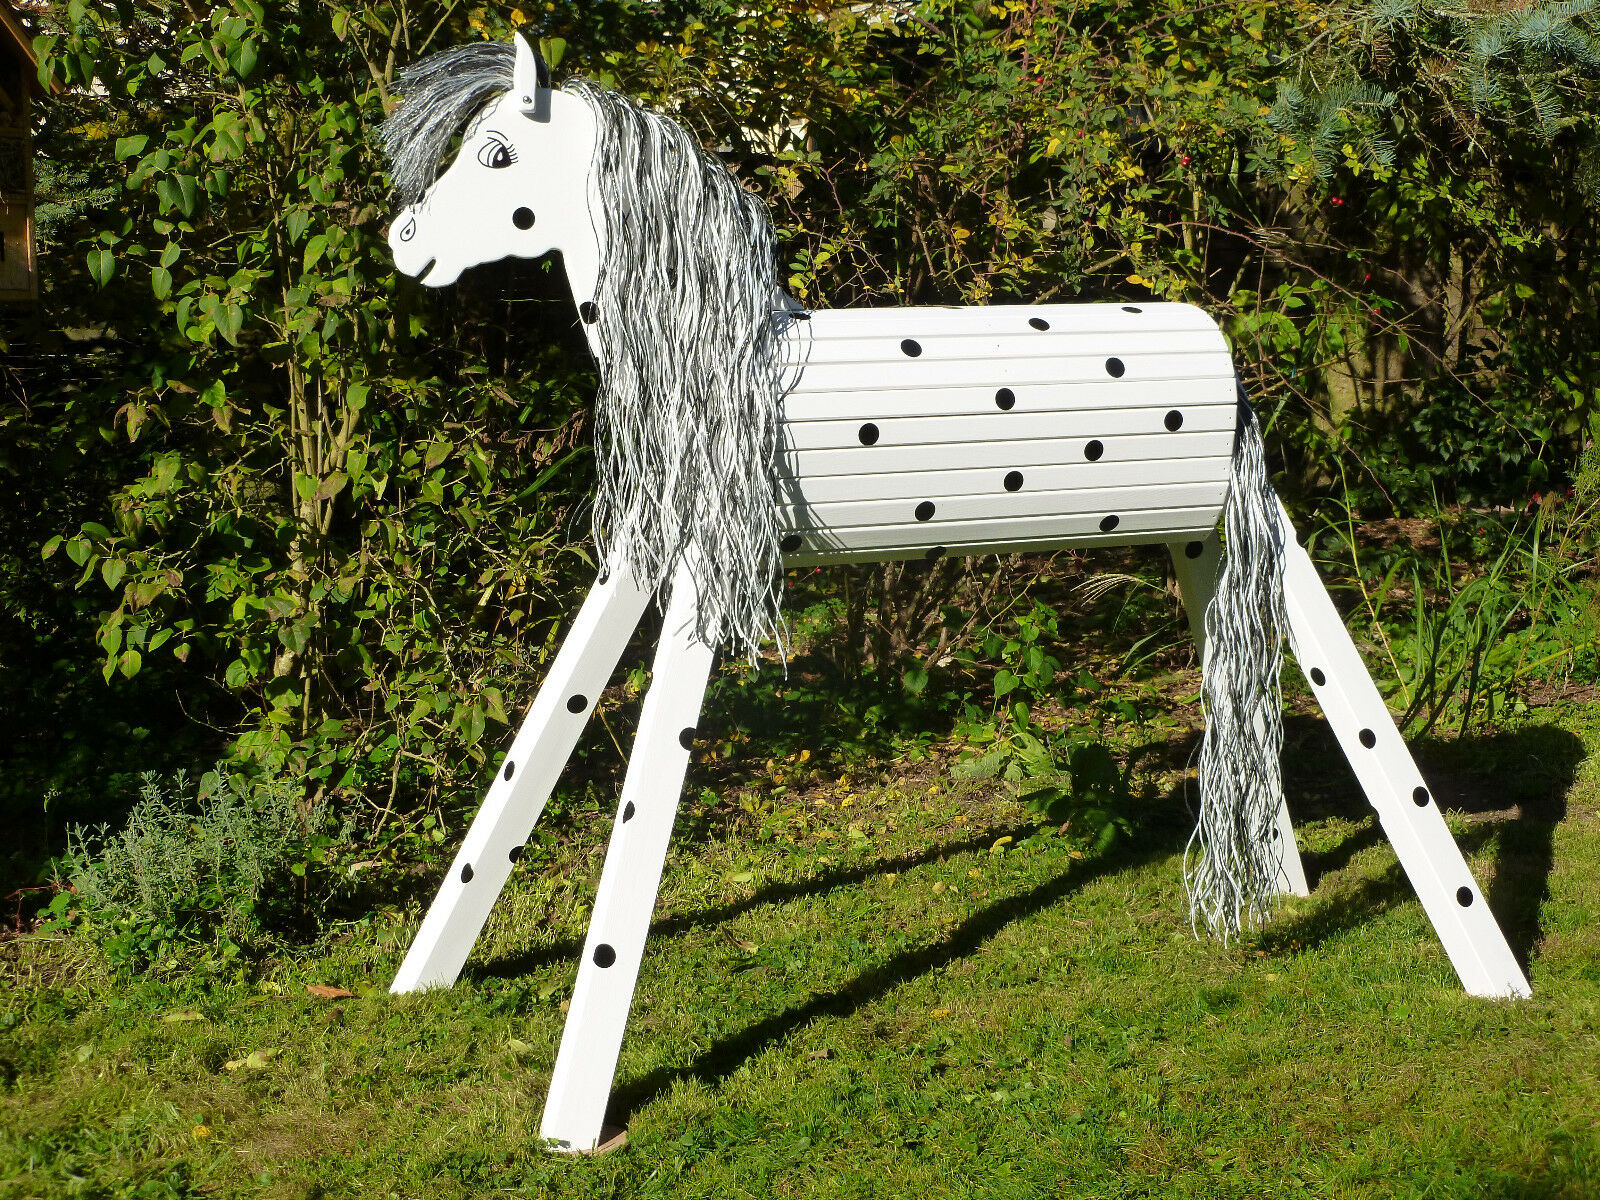 120cm Holzpferd Onkel mit Face und Maul Voltigierpferd wetterfest lasiert NEU